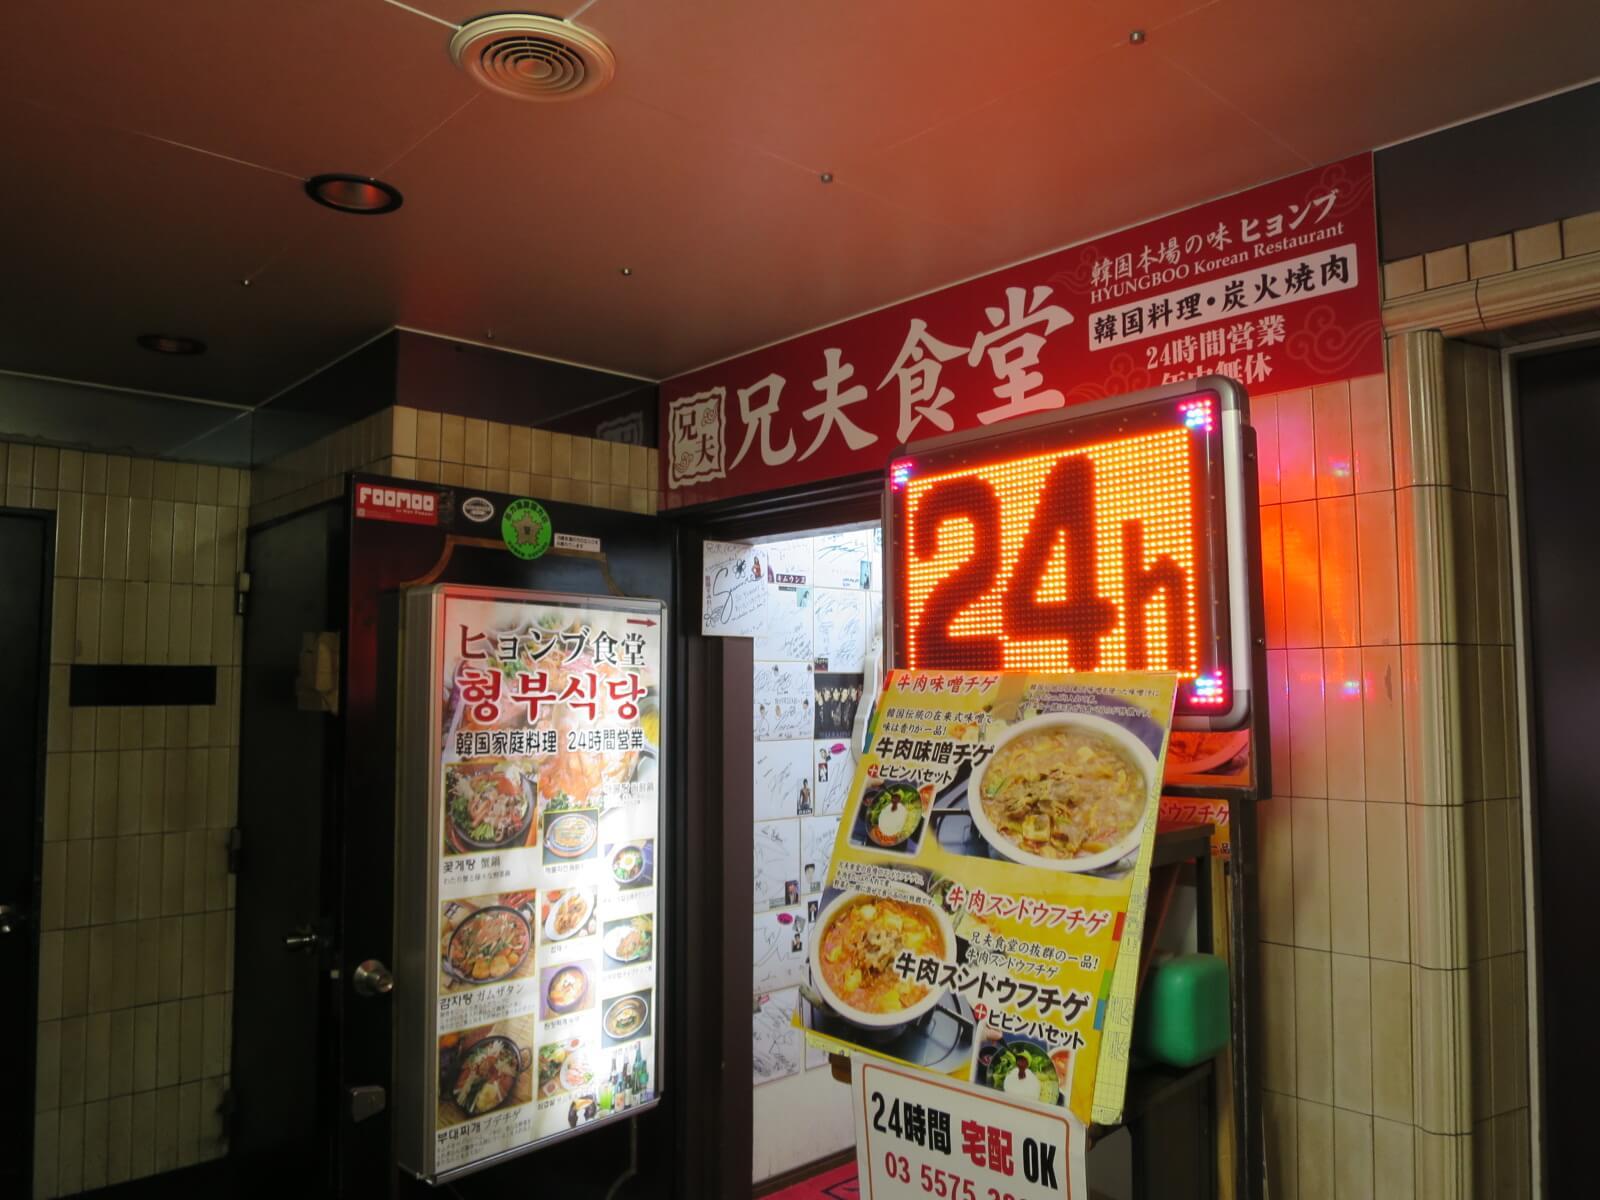 ヒョンブ(兄夫)食堂赤坂本店(港区赤坂/韓国家庭 …